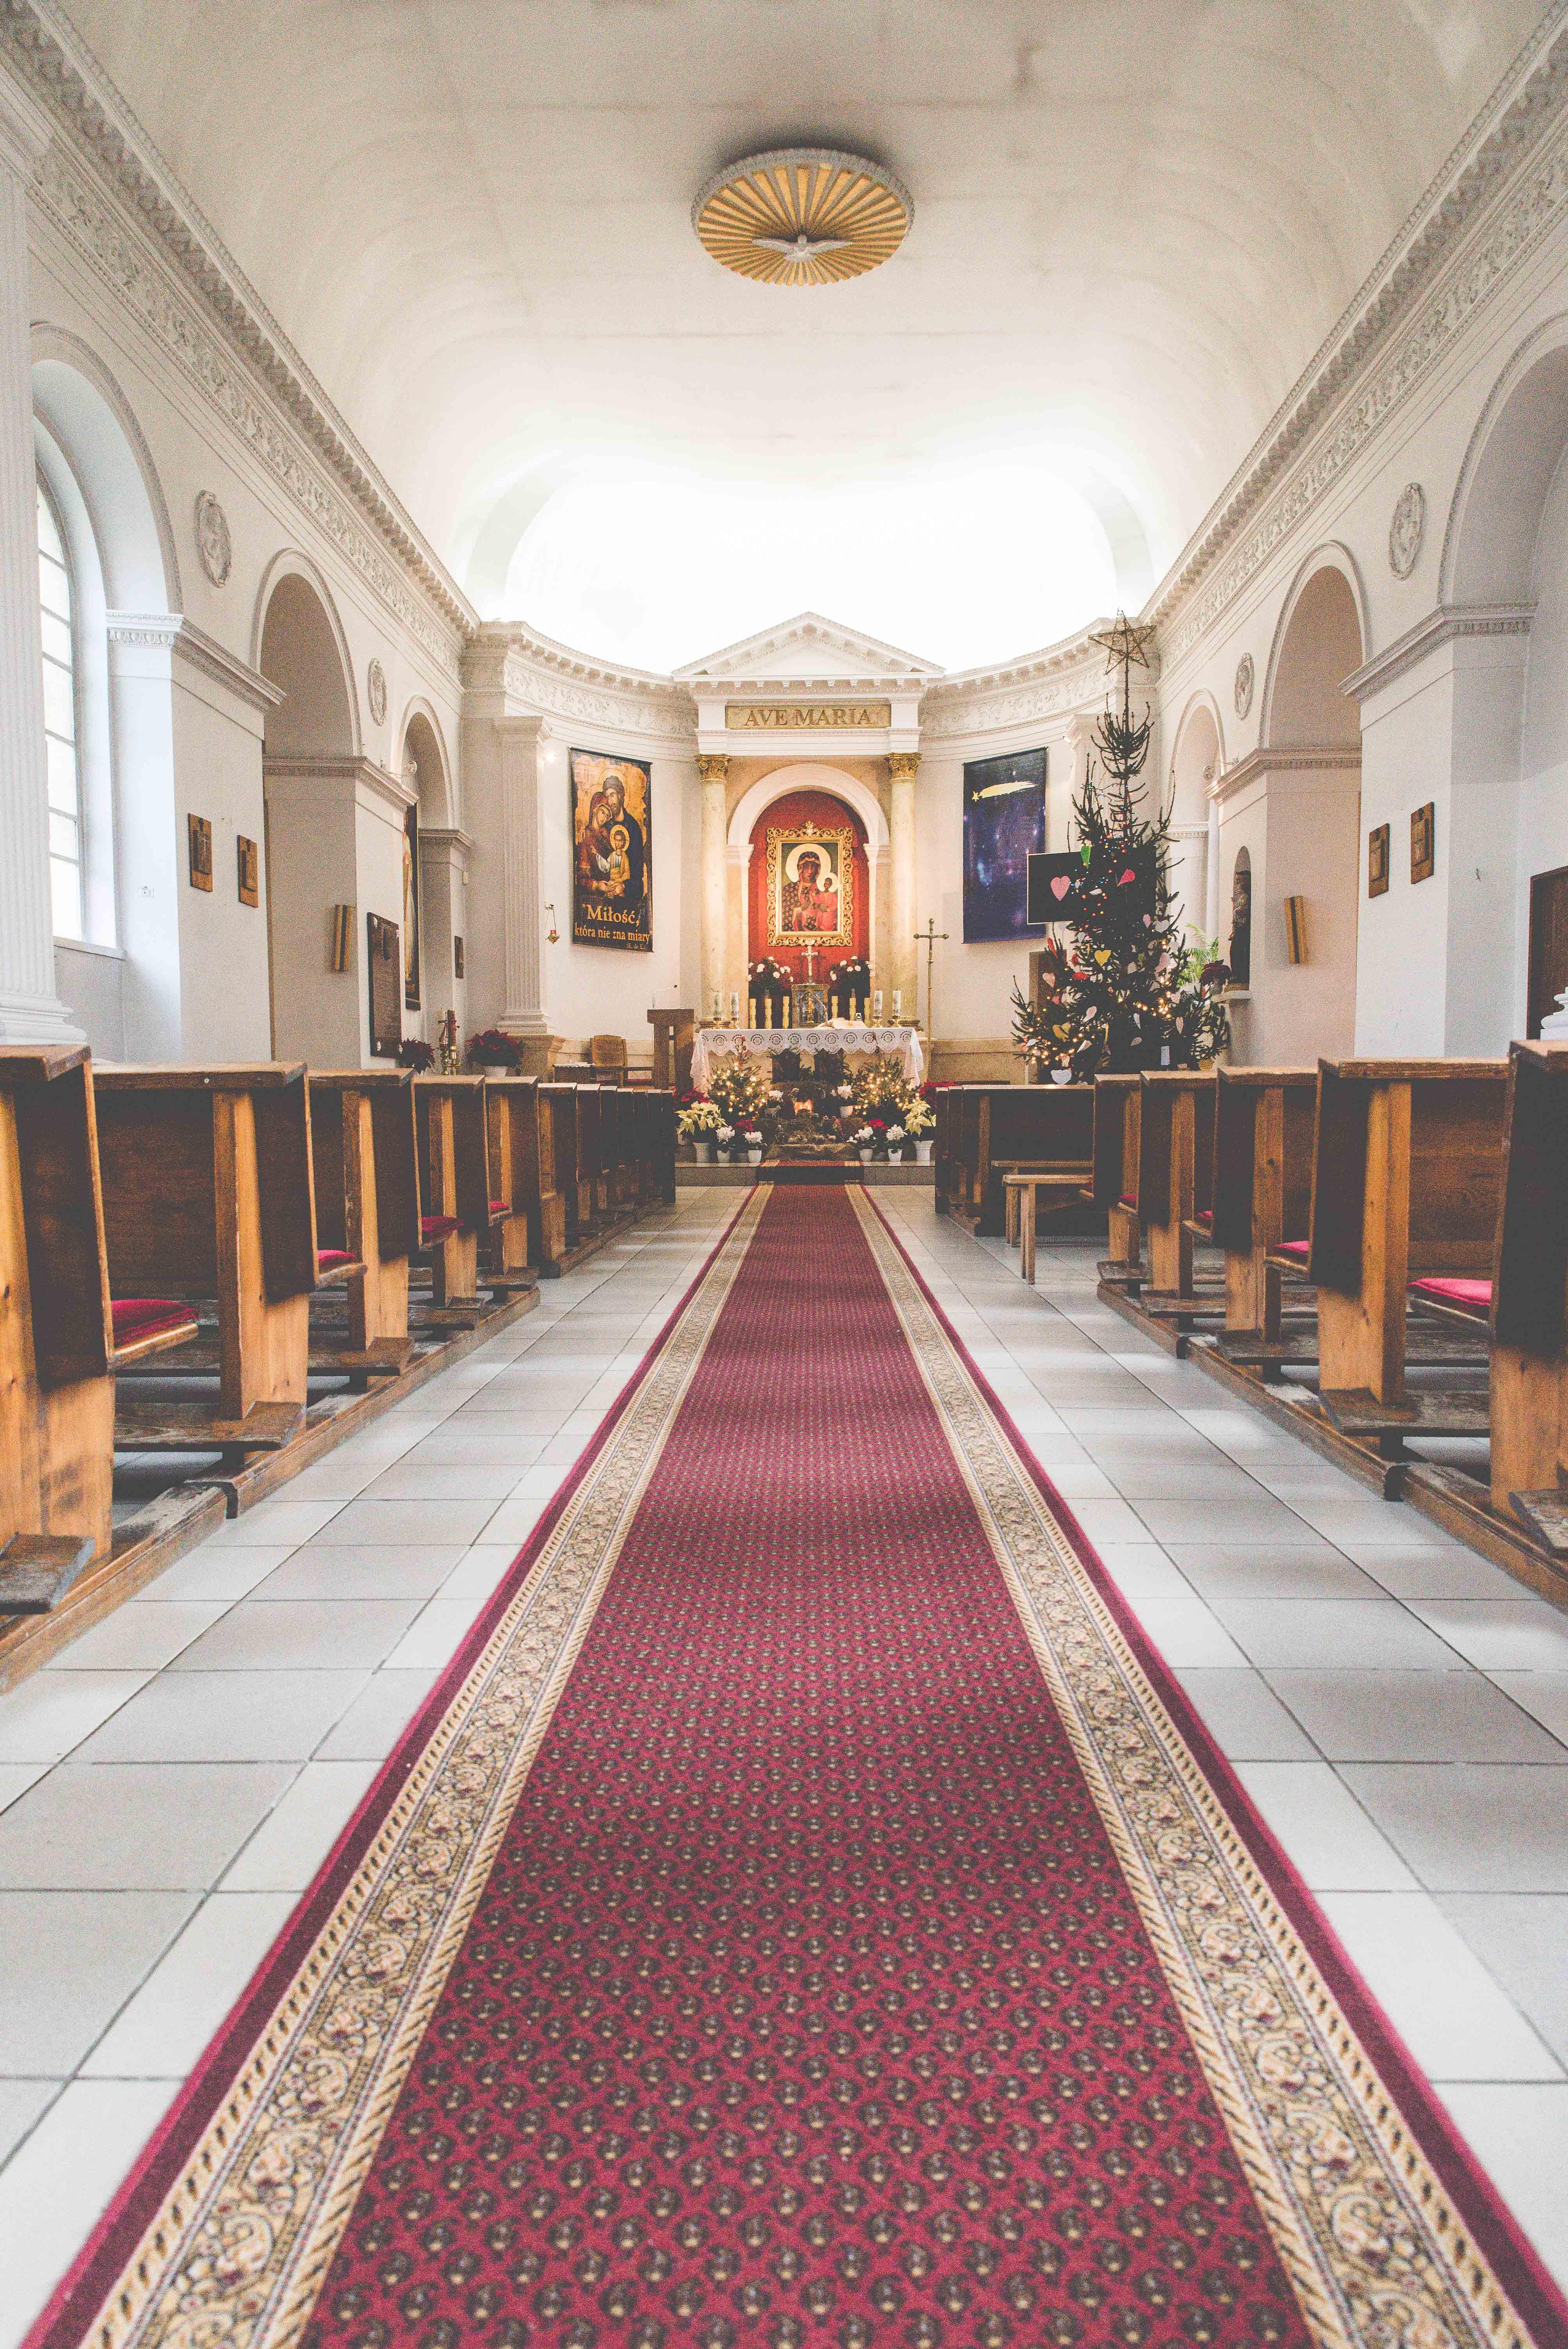 Kosciol Najswietszej Maryi Panny Czestochowskiej we Wroclawiu male (2)